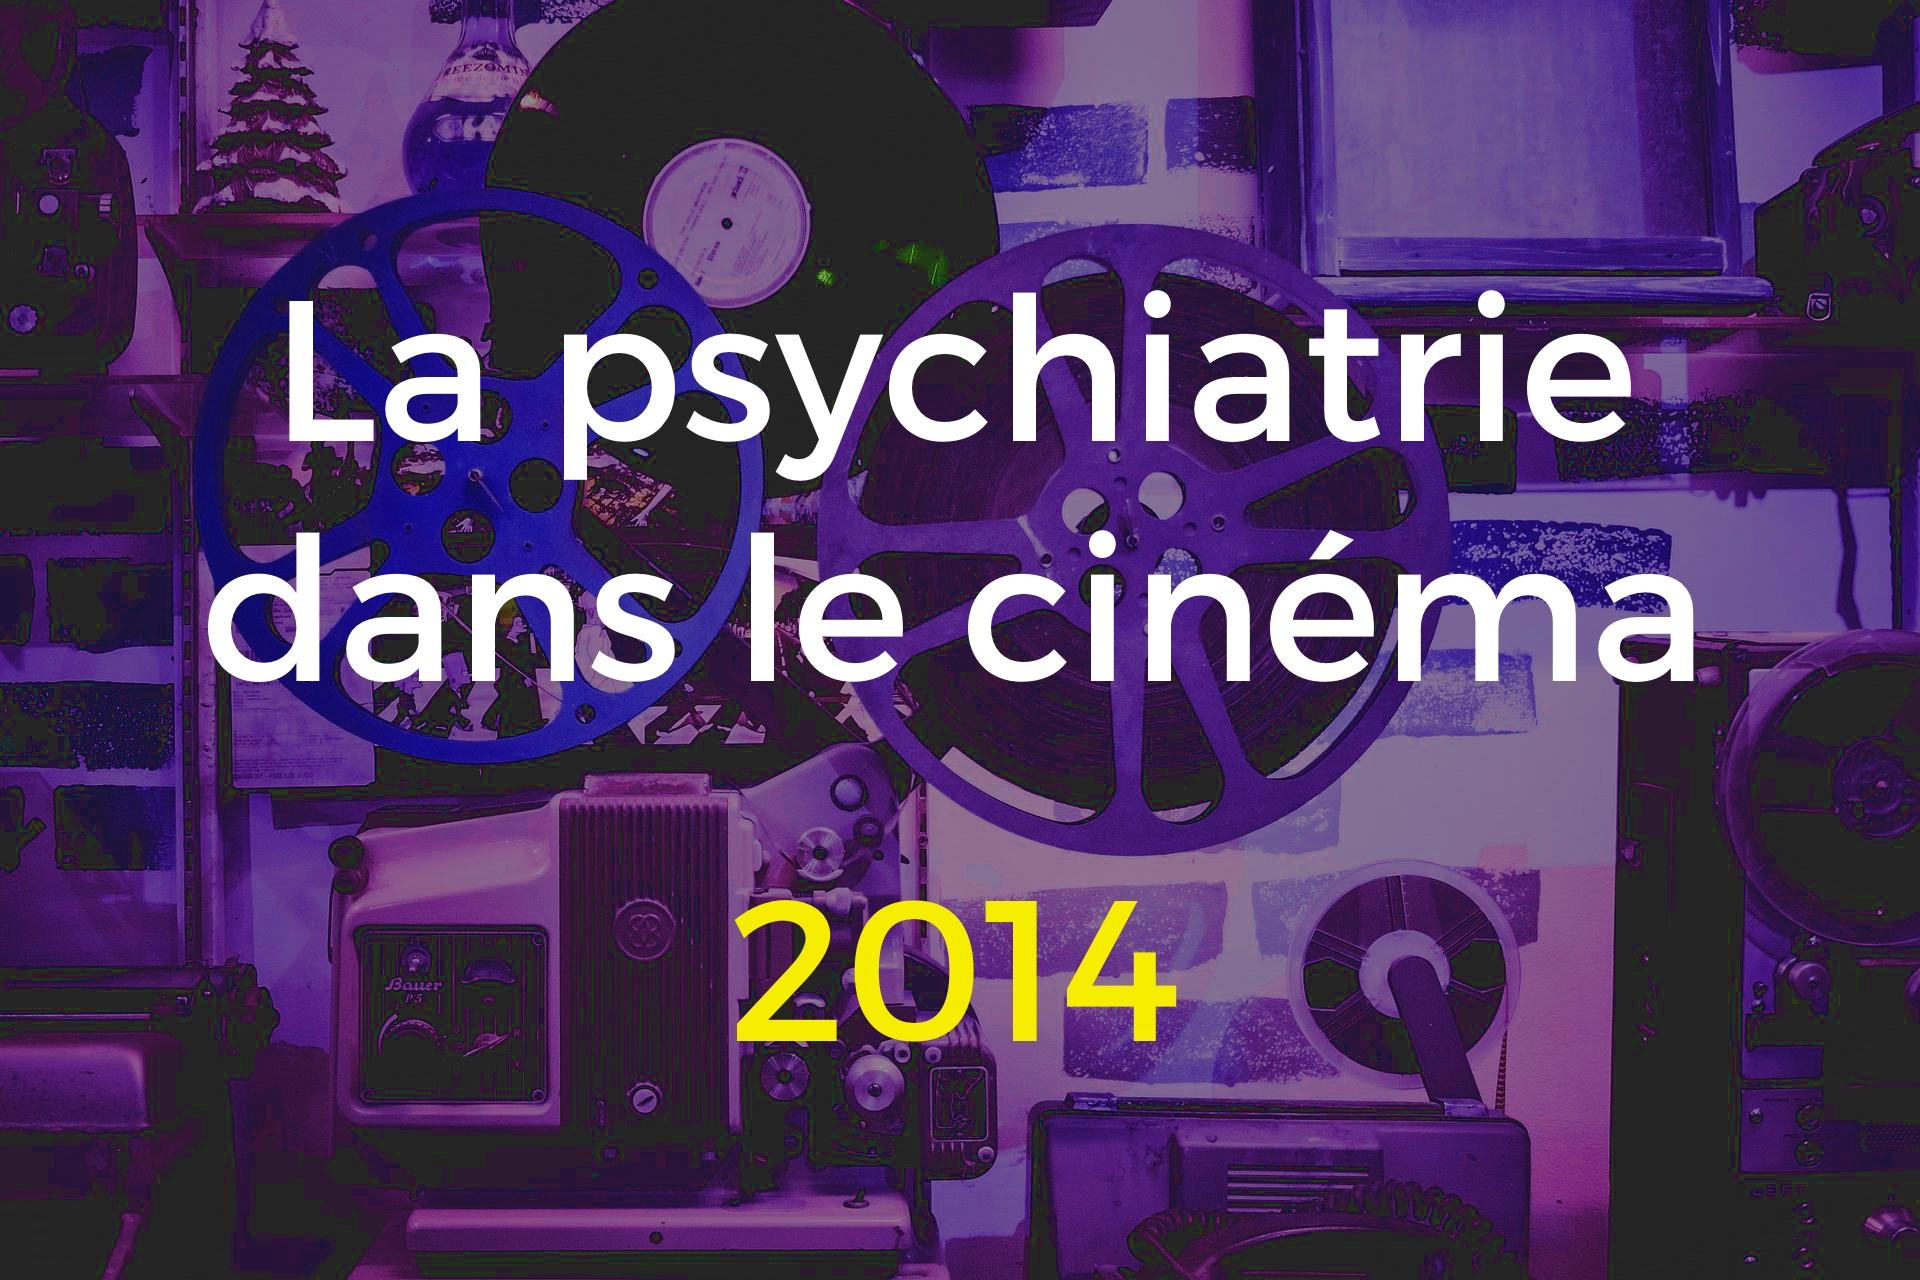 La psychiatrie dans le cinéma 2014